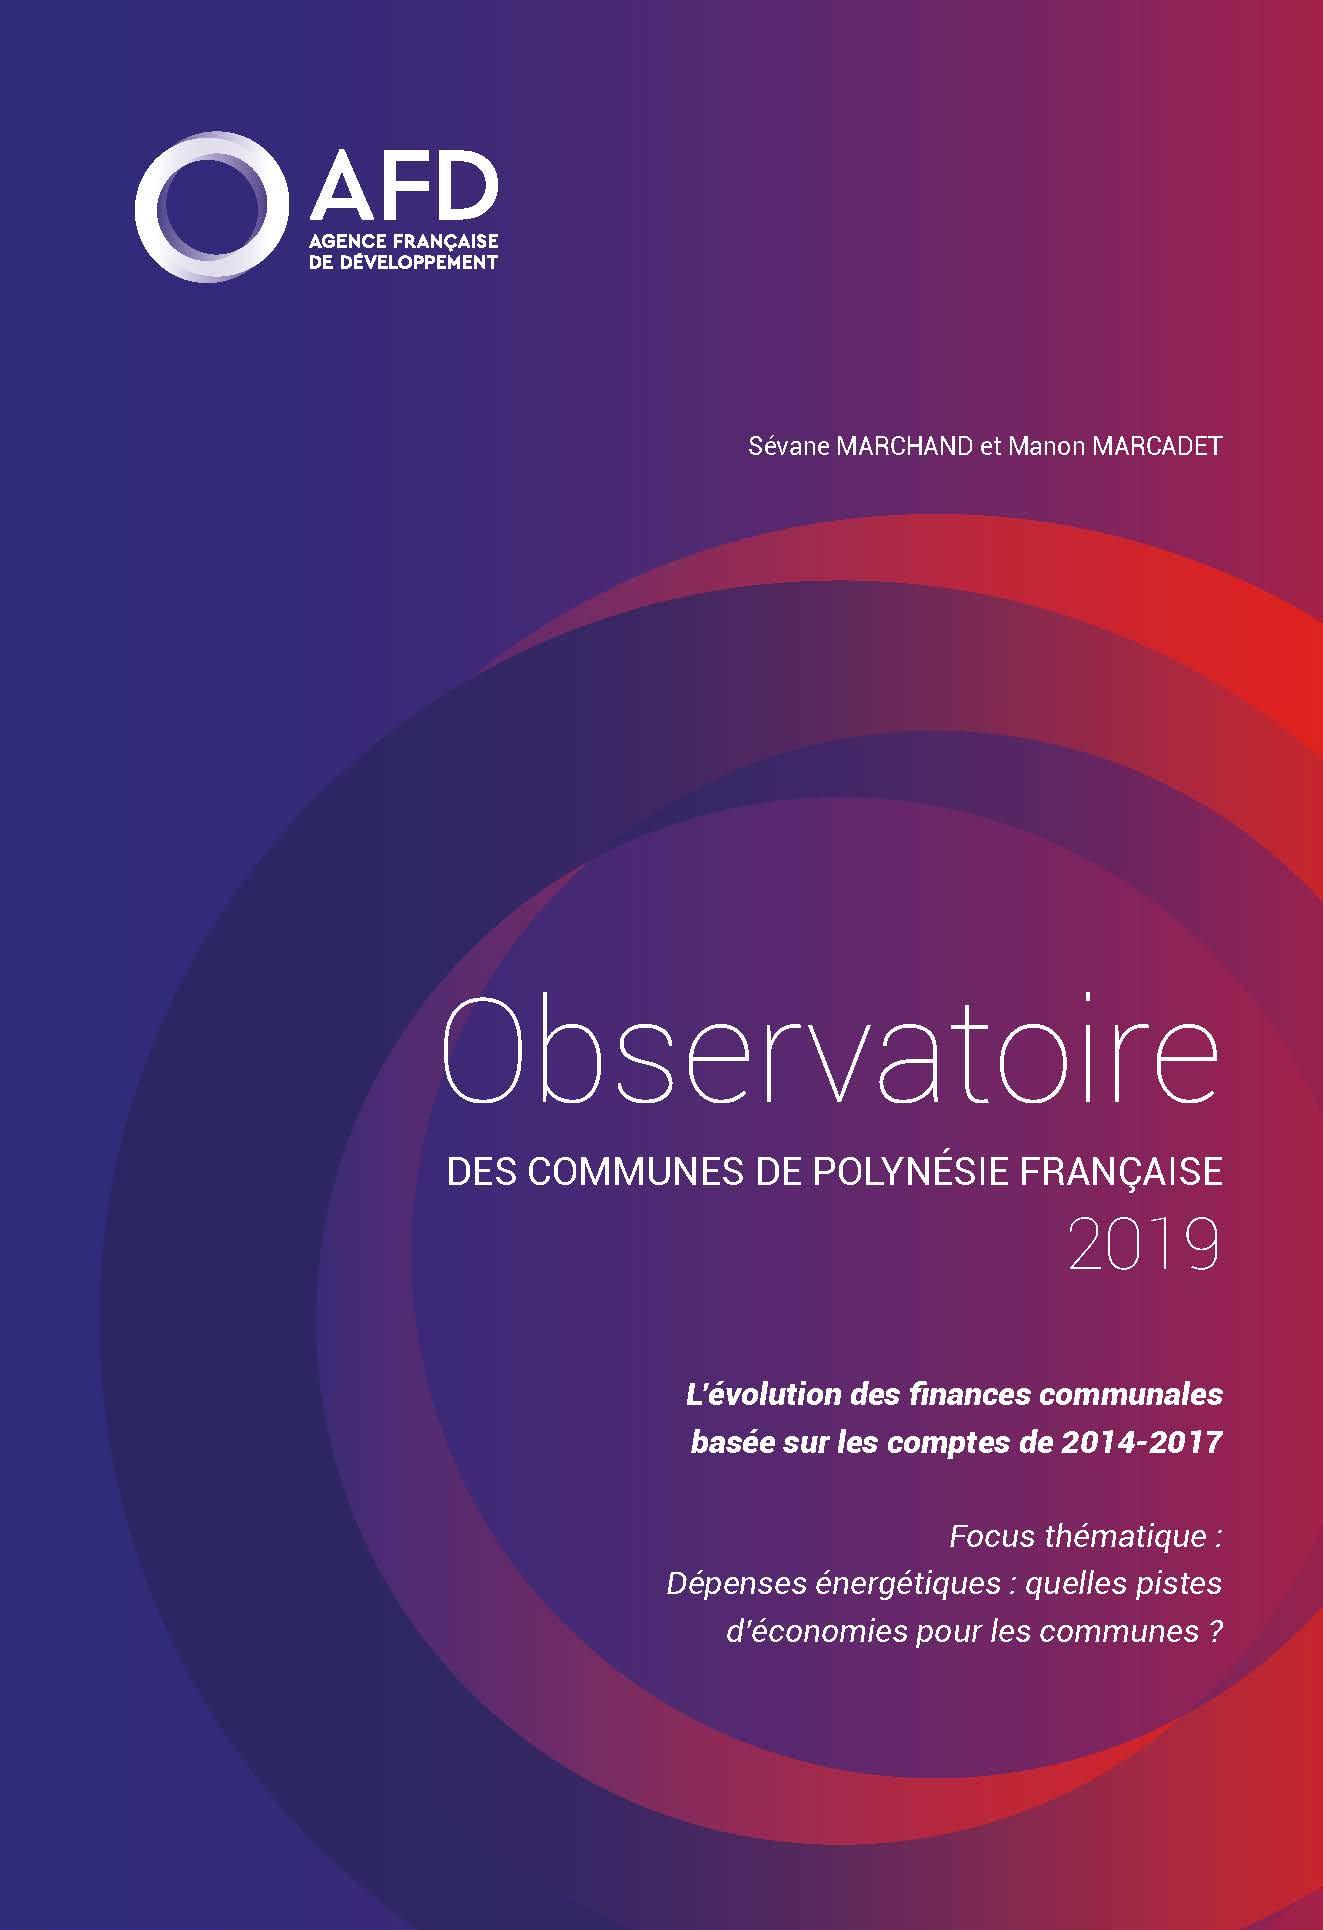 Observatoire des communes de Polynésie française 2019